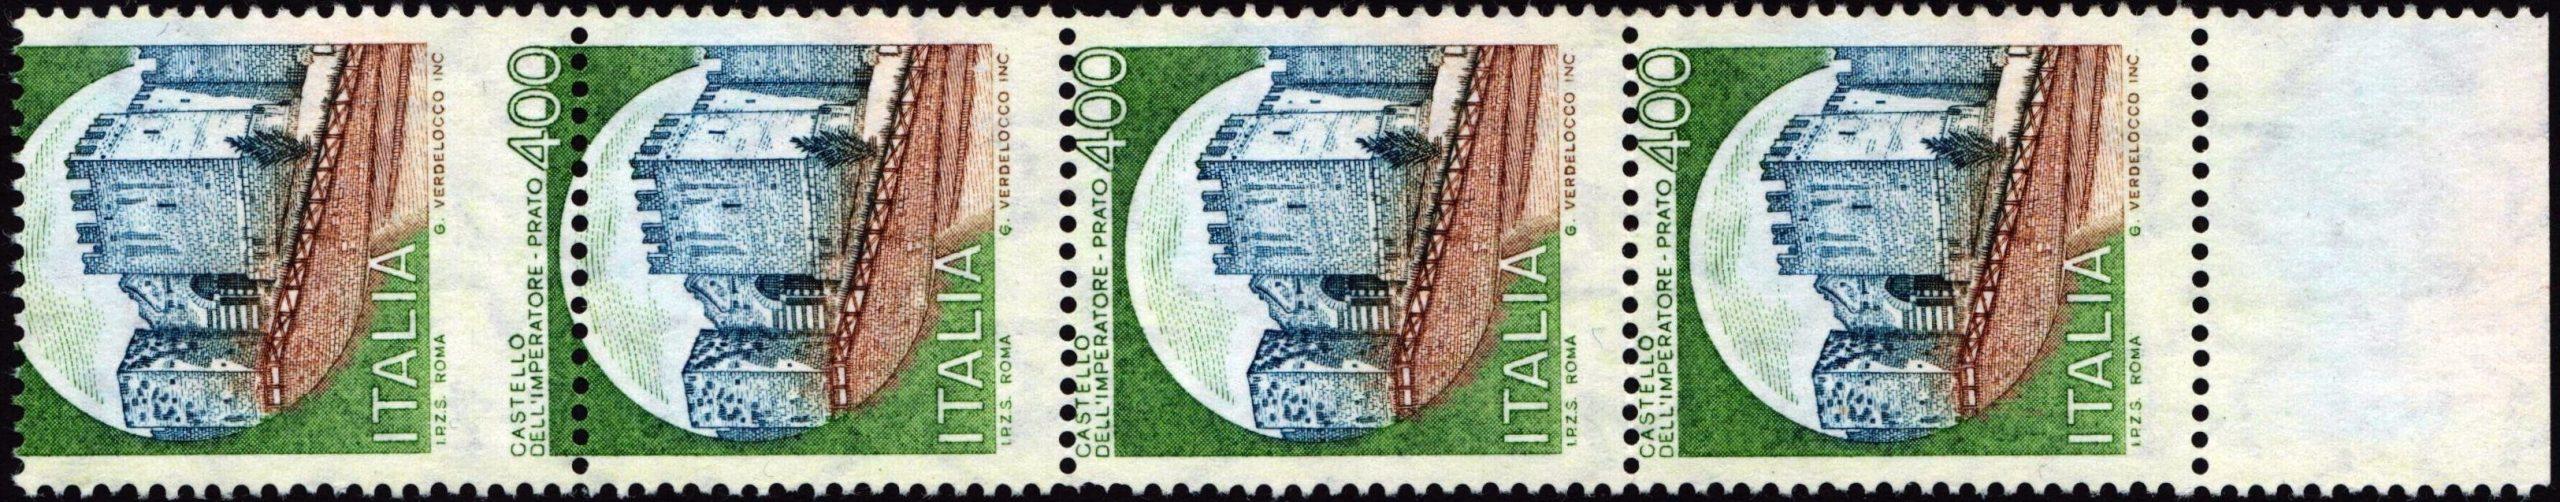 Lire 400 Castello di Prato - Varietà